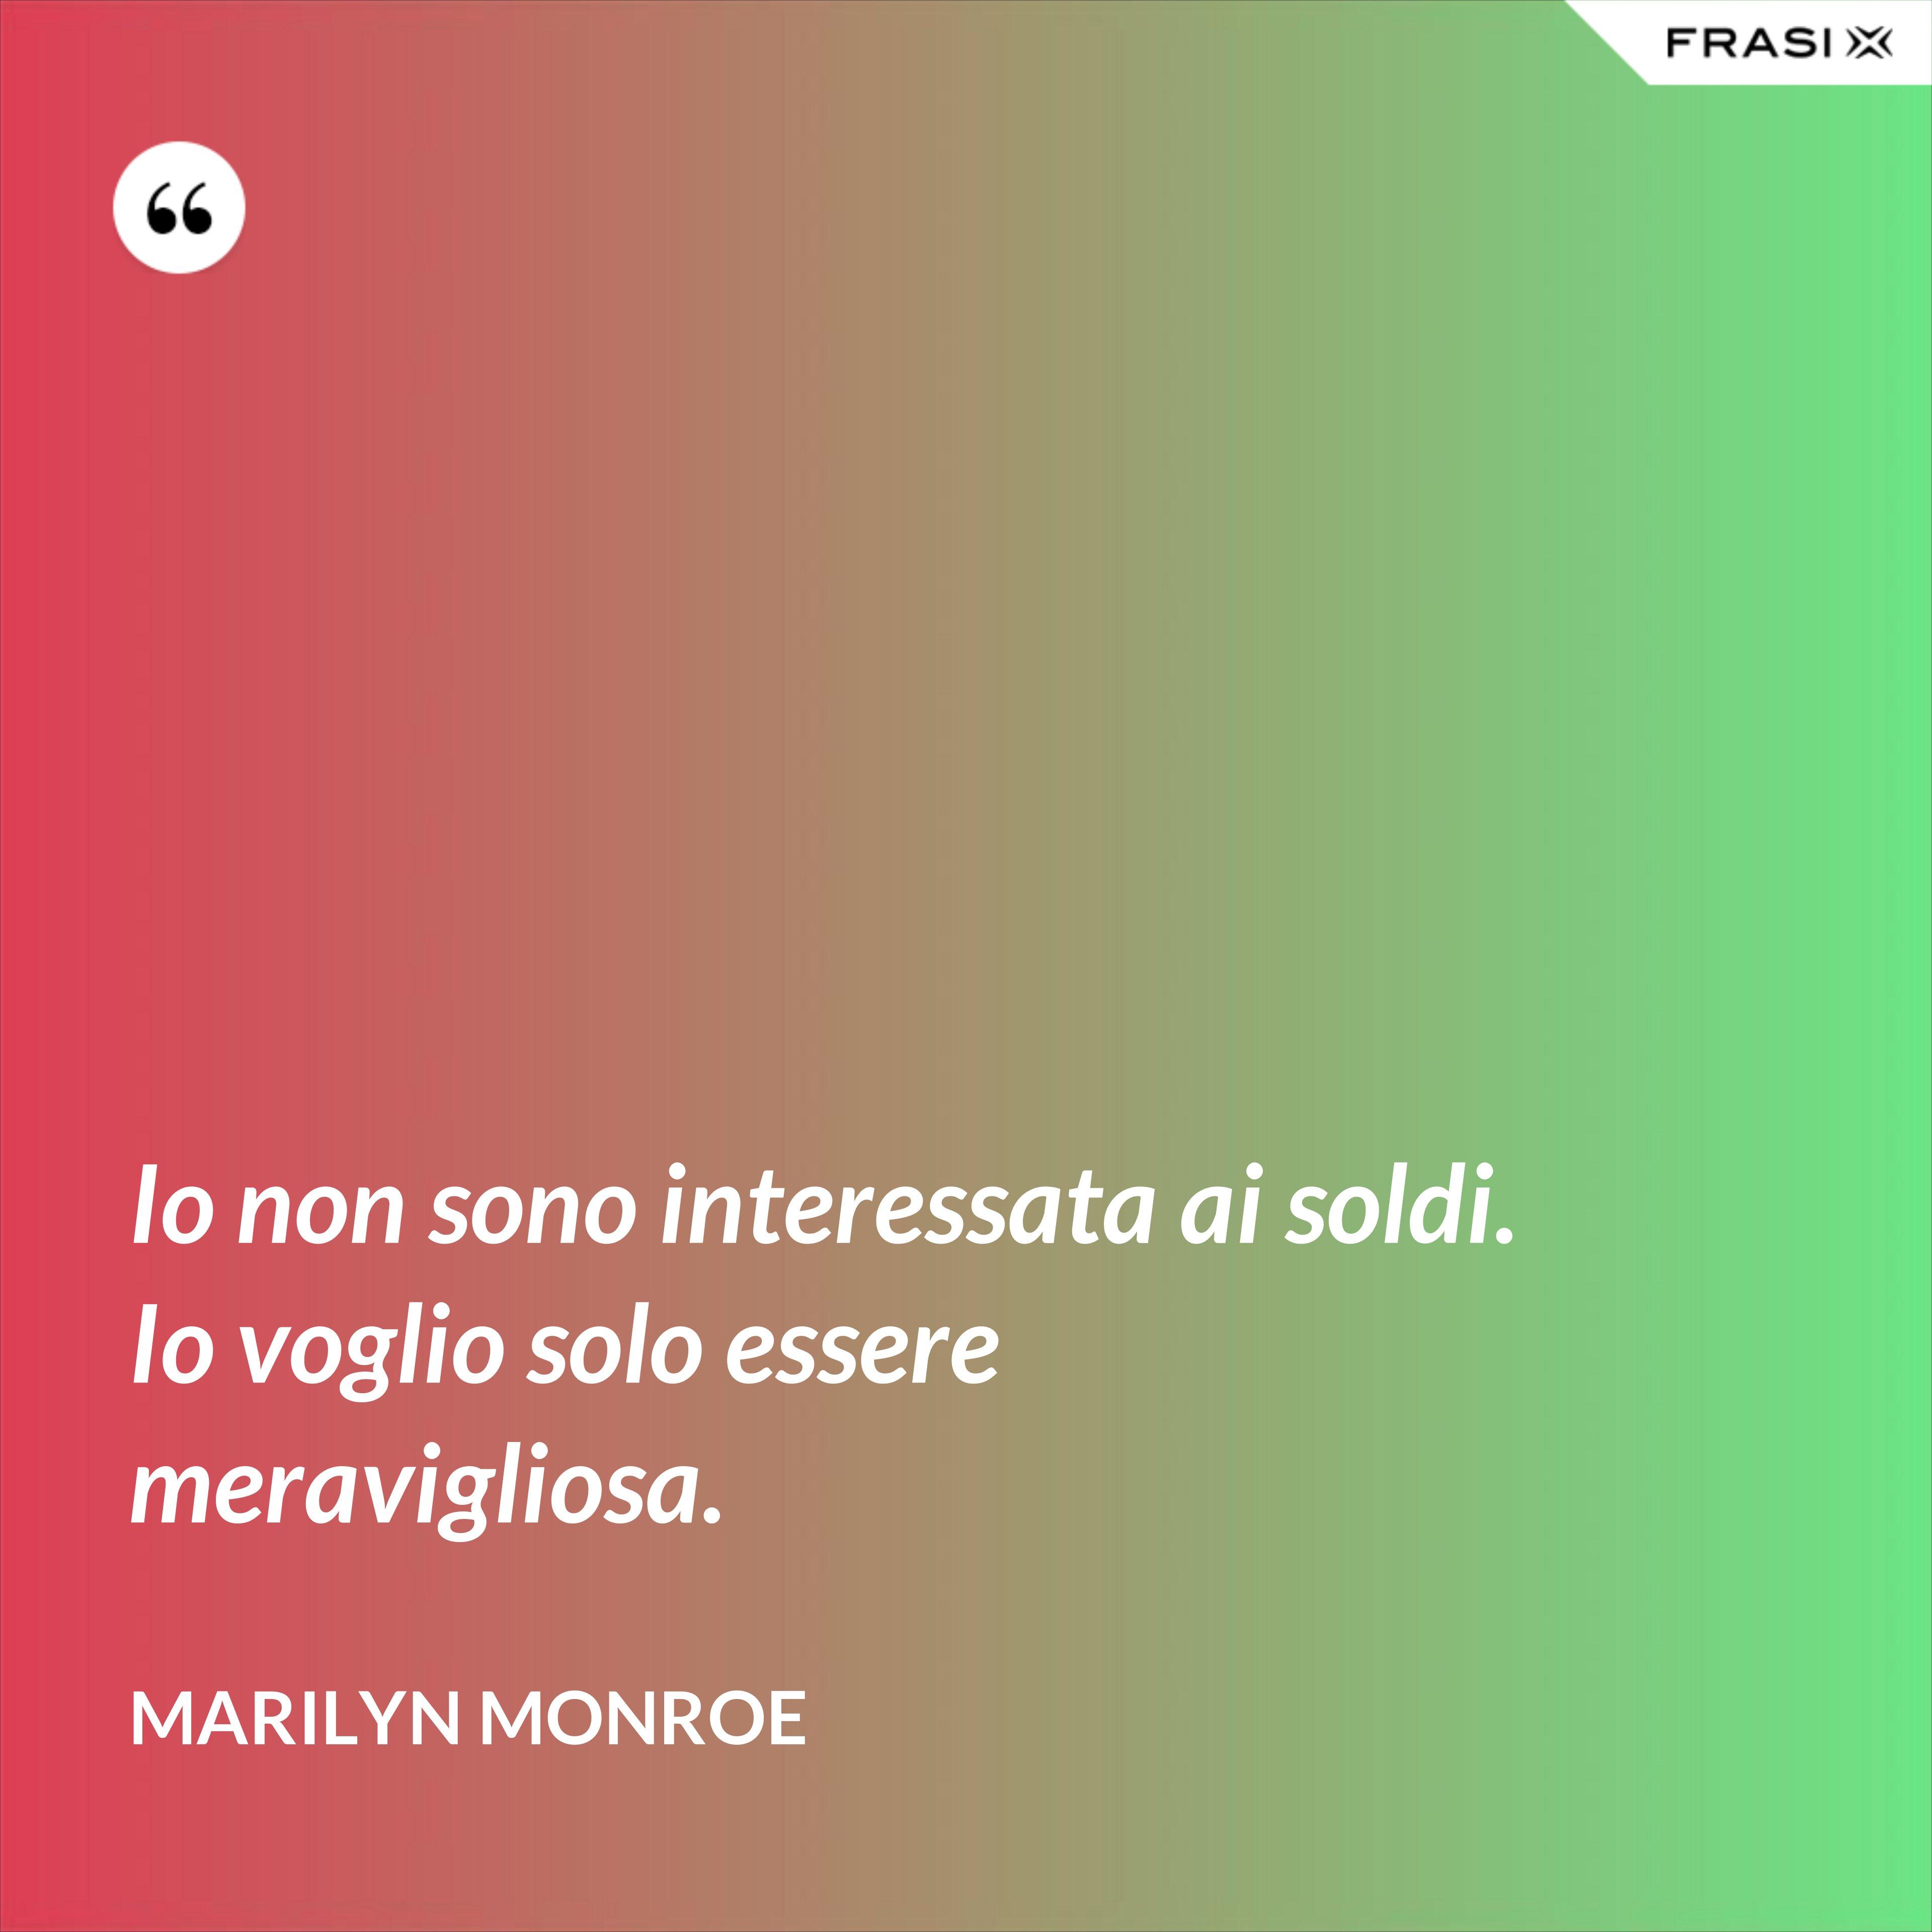 Io non sono interessata ai soldi. Io voglio solo essere meravigliosa. - Marilyn Monroe